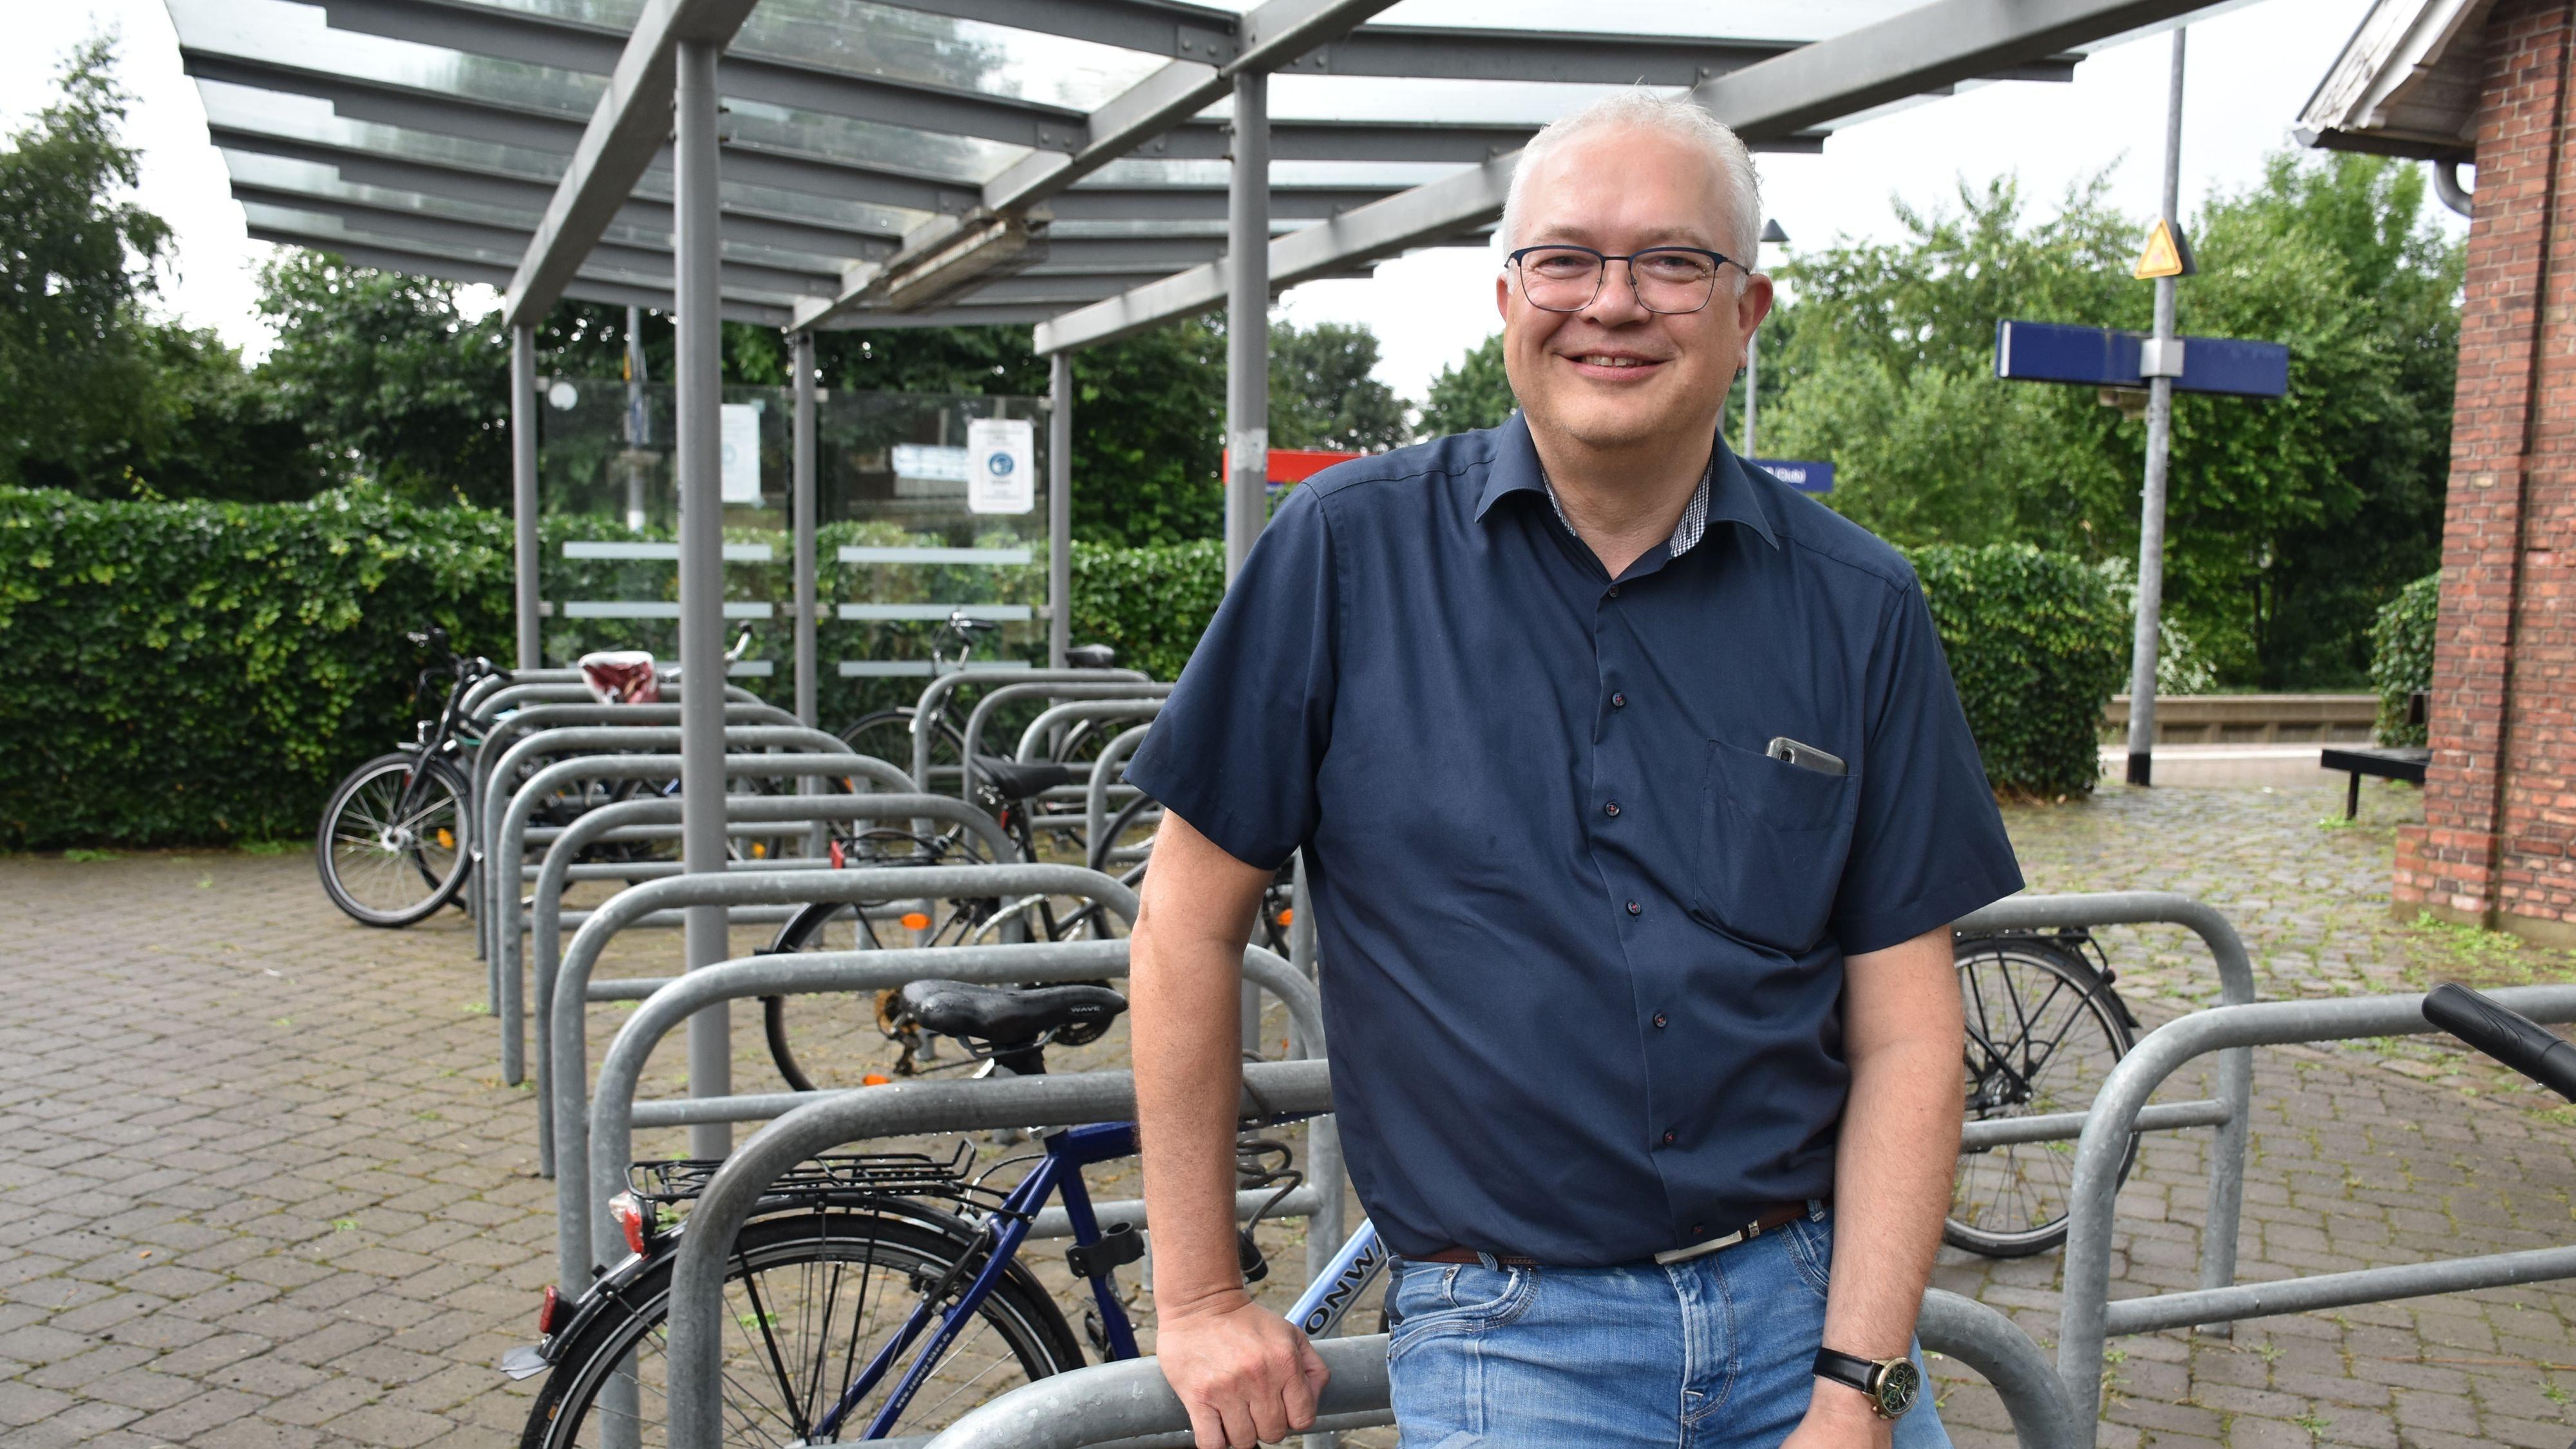 Mobilität als großes Thema für die nächste Amtszeit: Ansgar Brockmann bewirbt sich erneut für den Bürgermeisterposten. Foto: Lammert